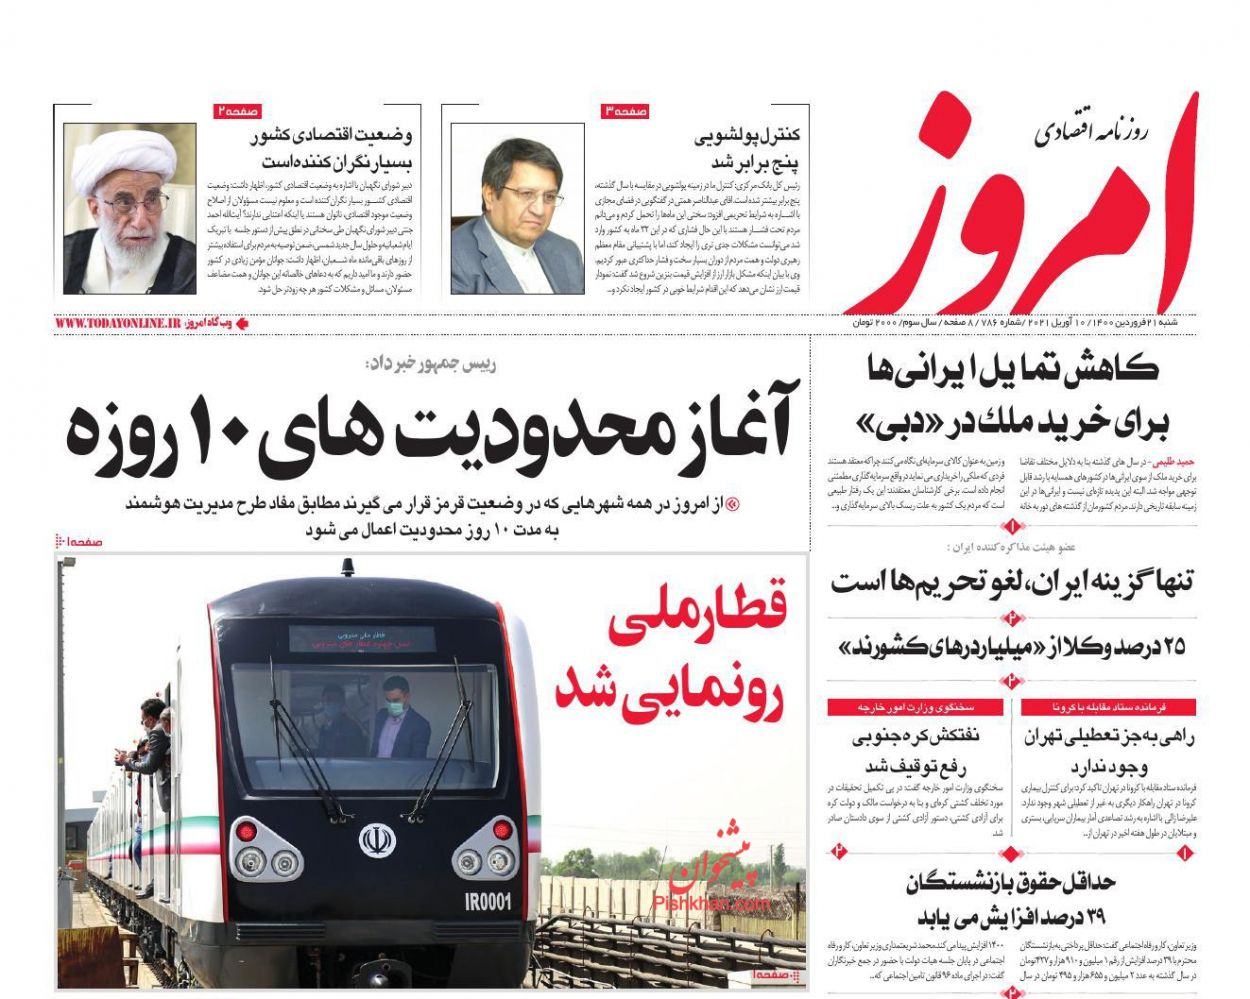 عناوین اخبار روزنامه امروز در روز شنبه ۲۱ فروردین